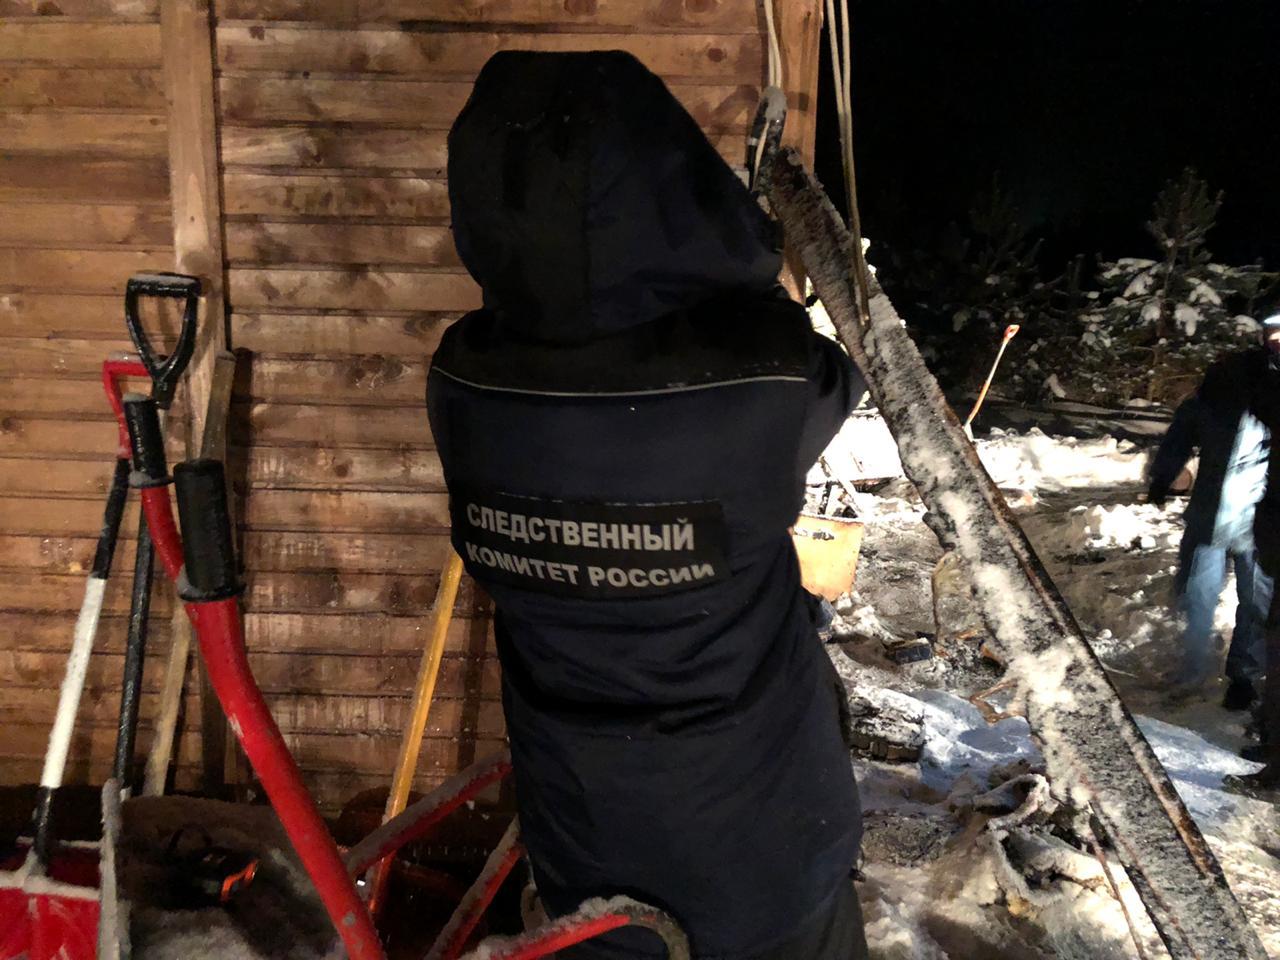 Опубликовано видео пожара в Тверской области, где погибли 4 человека